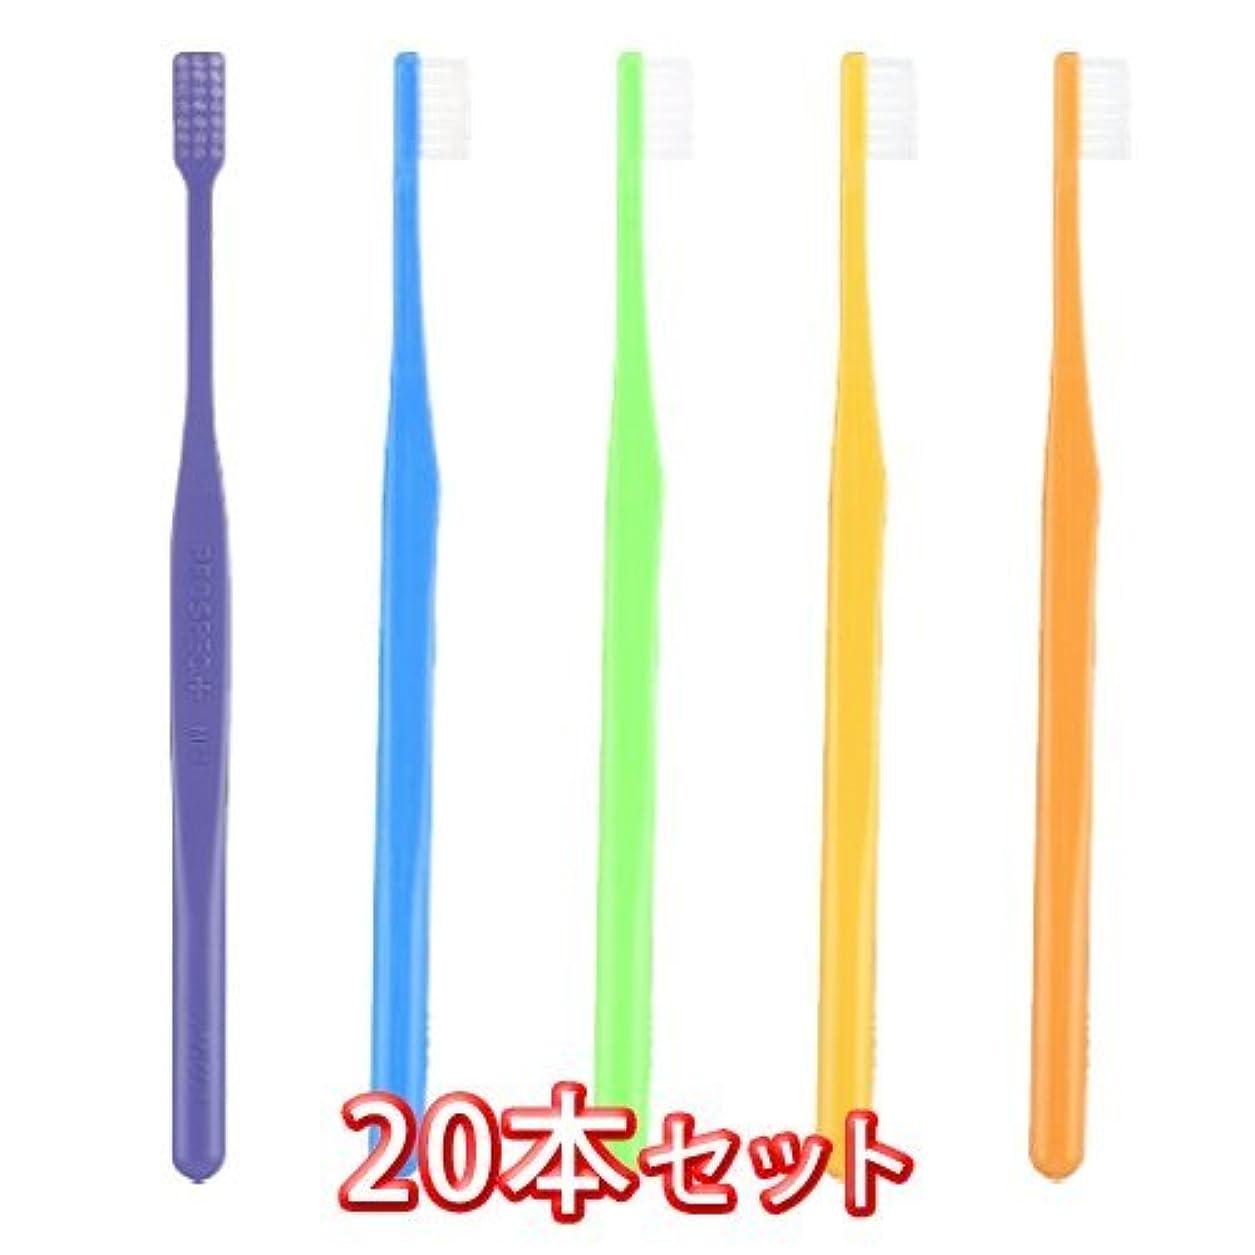 グリット想像力豊かないろいろプロスペック プラス ミニ歯ブラシ 20本入